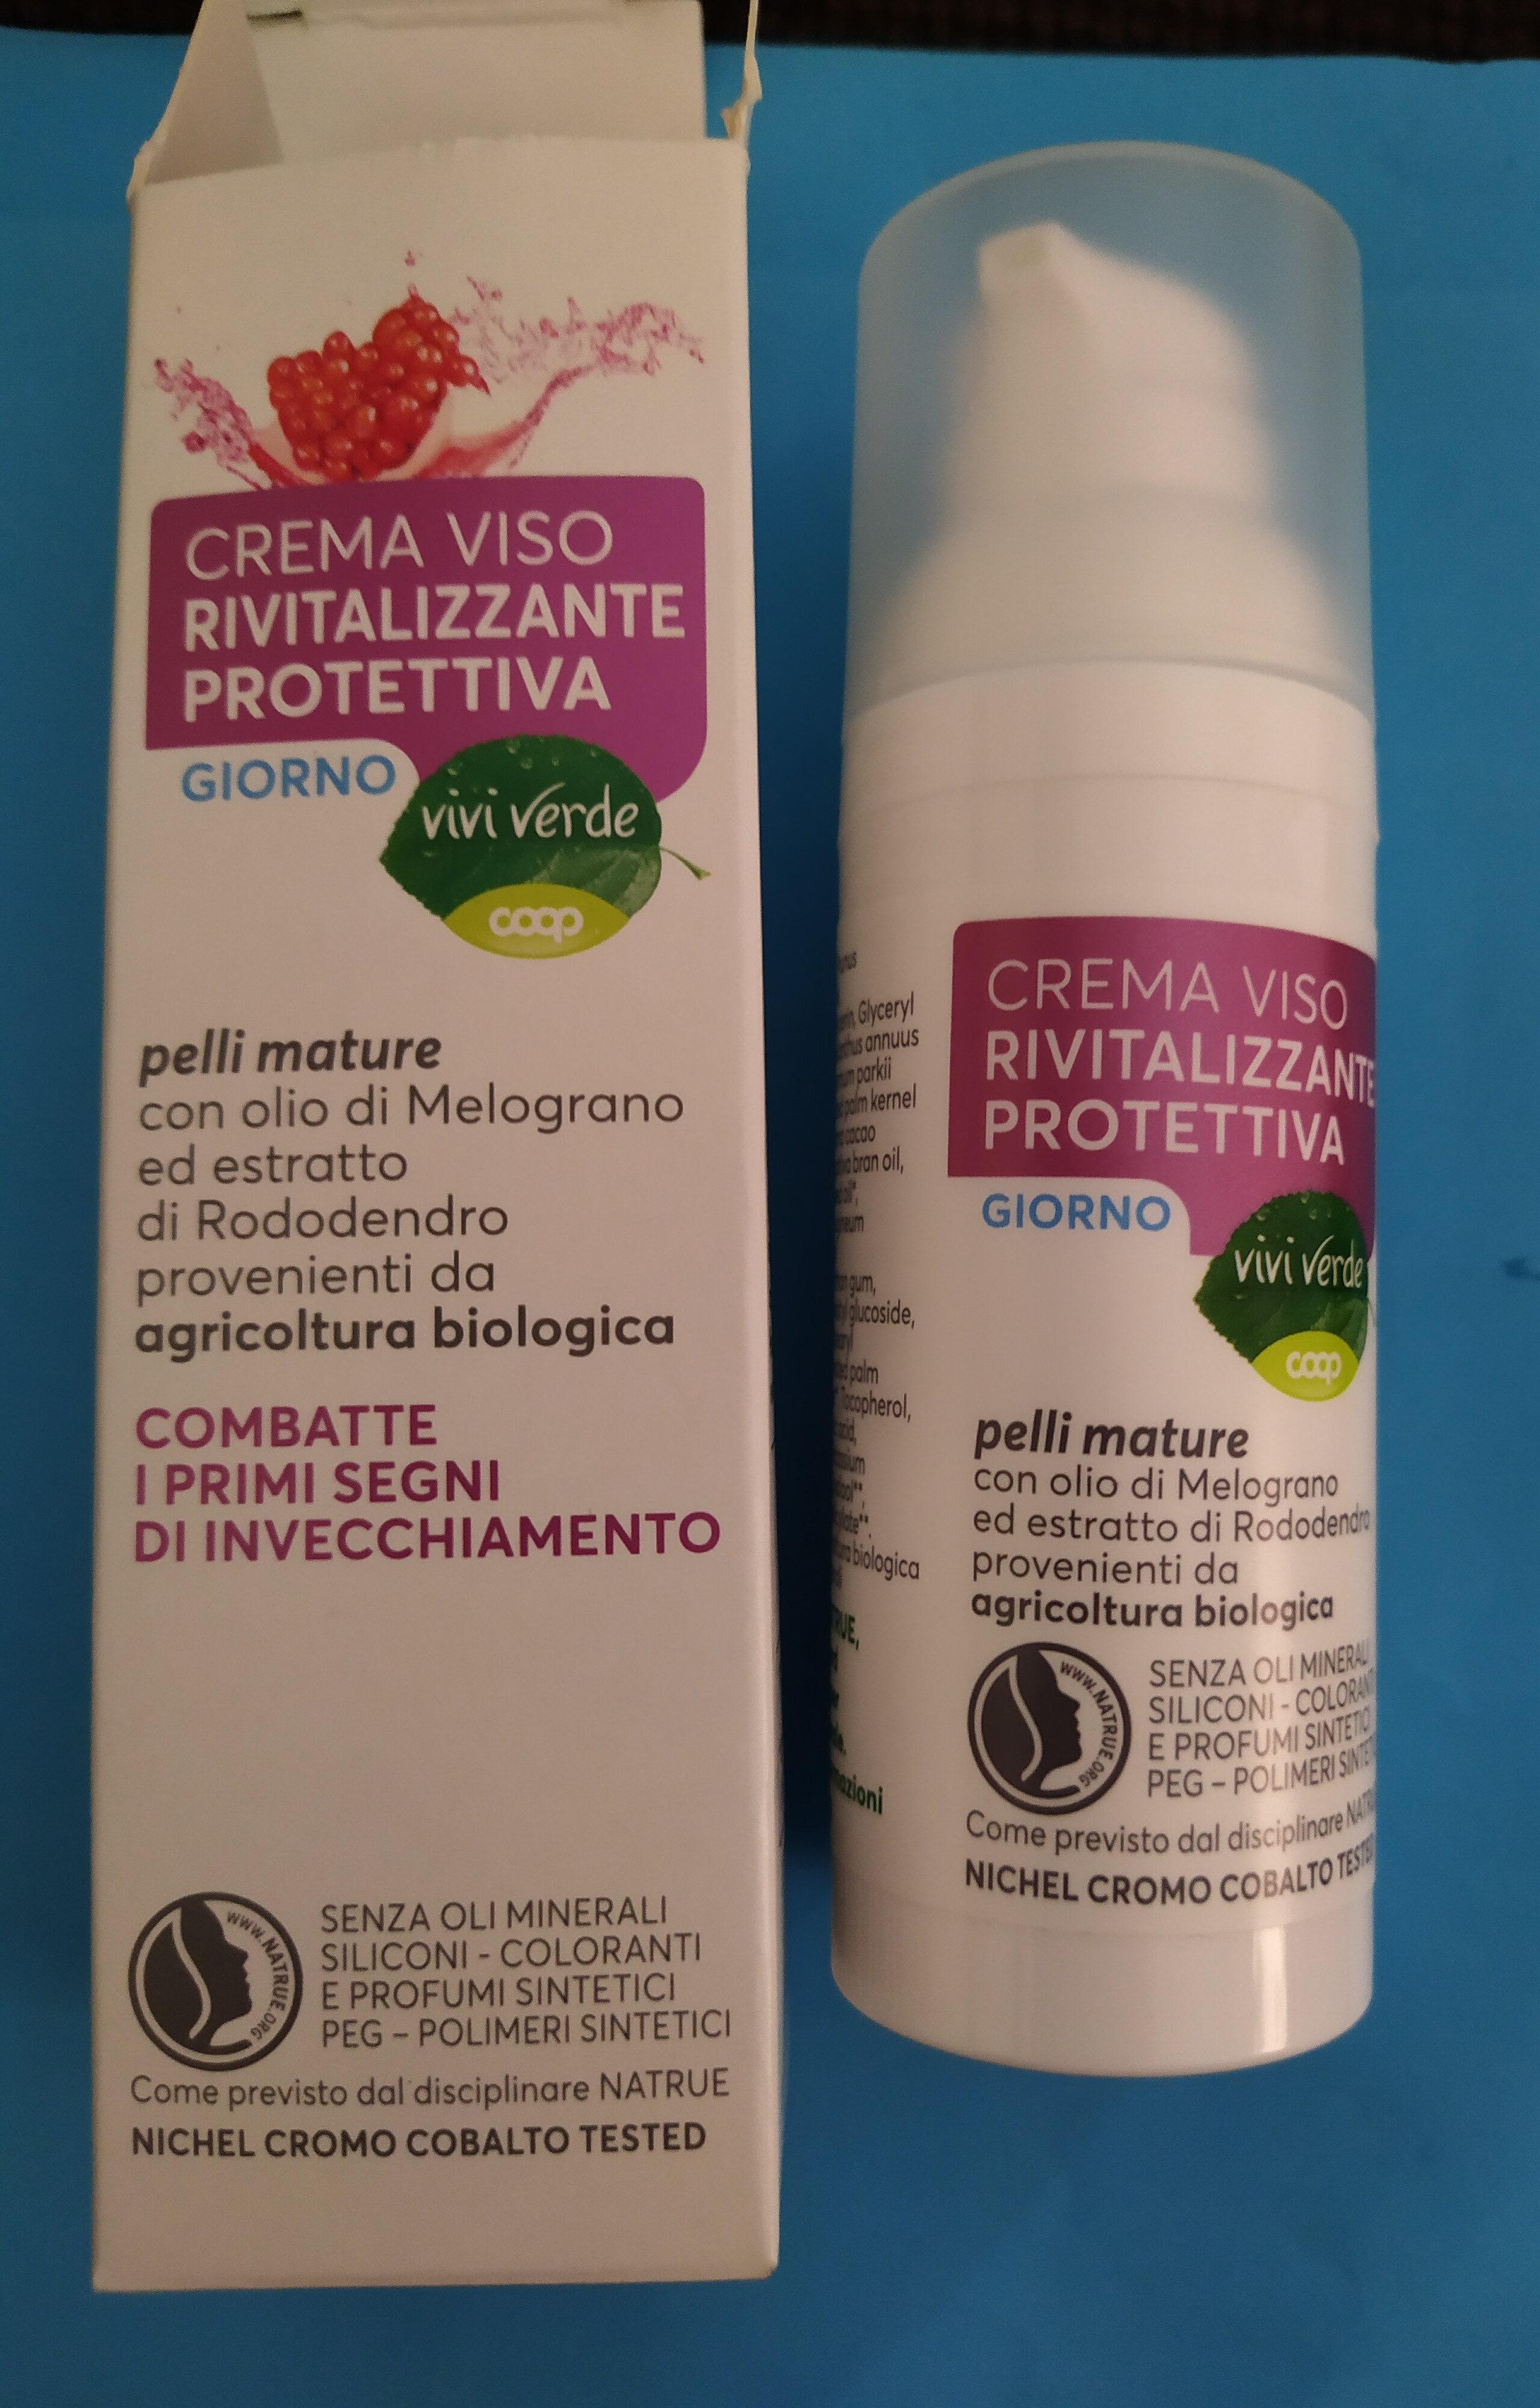 crema viso rivitalizzante protettiva giorno - Product - it